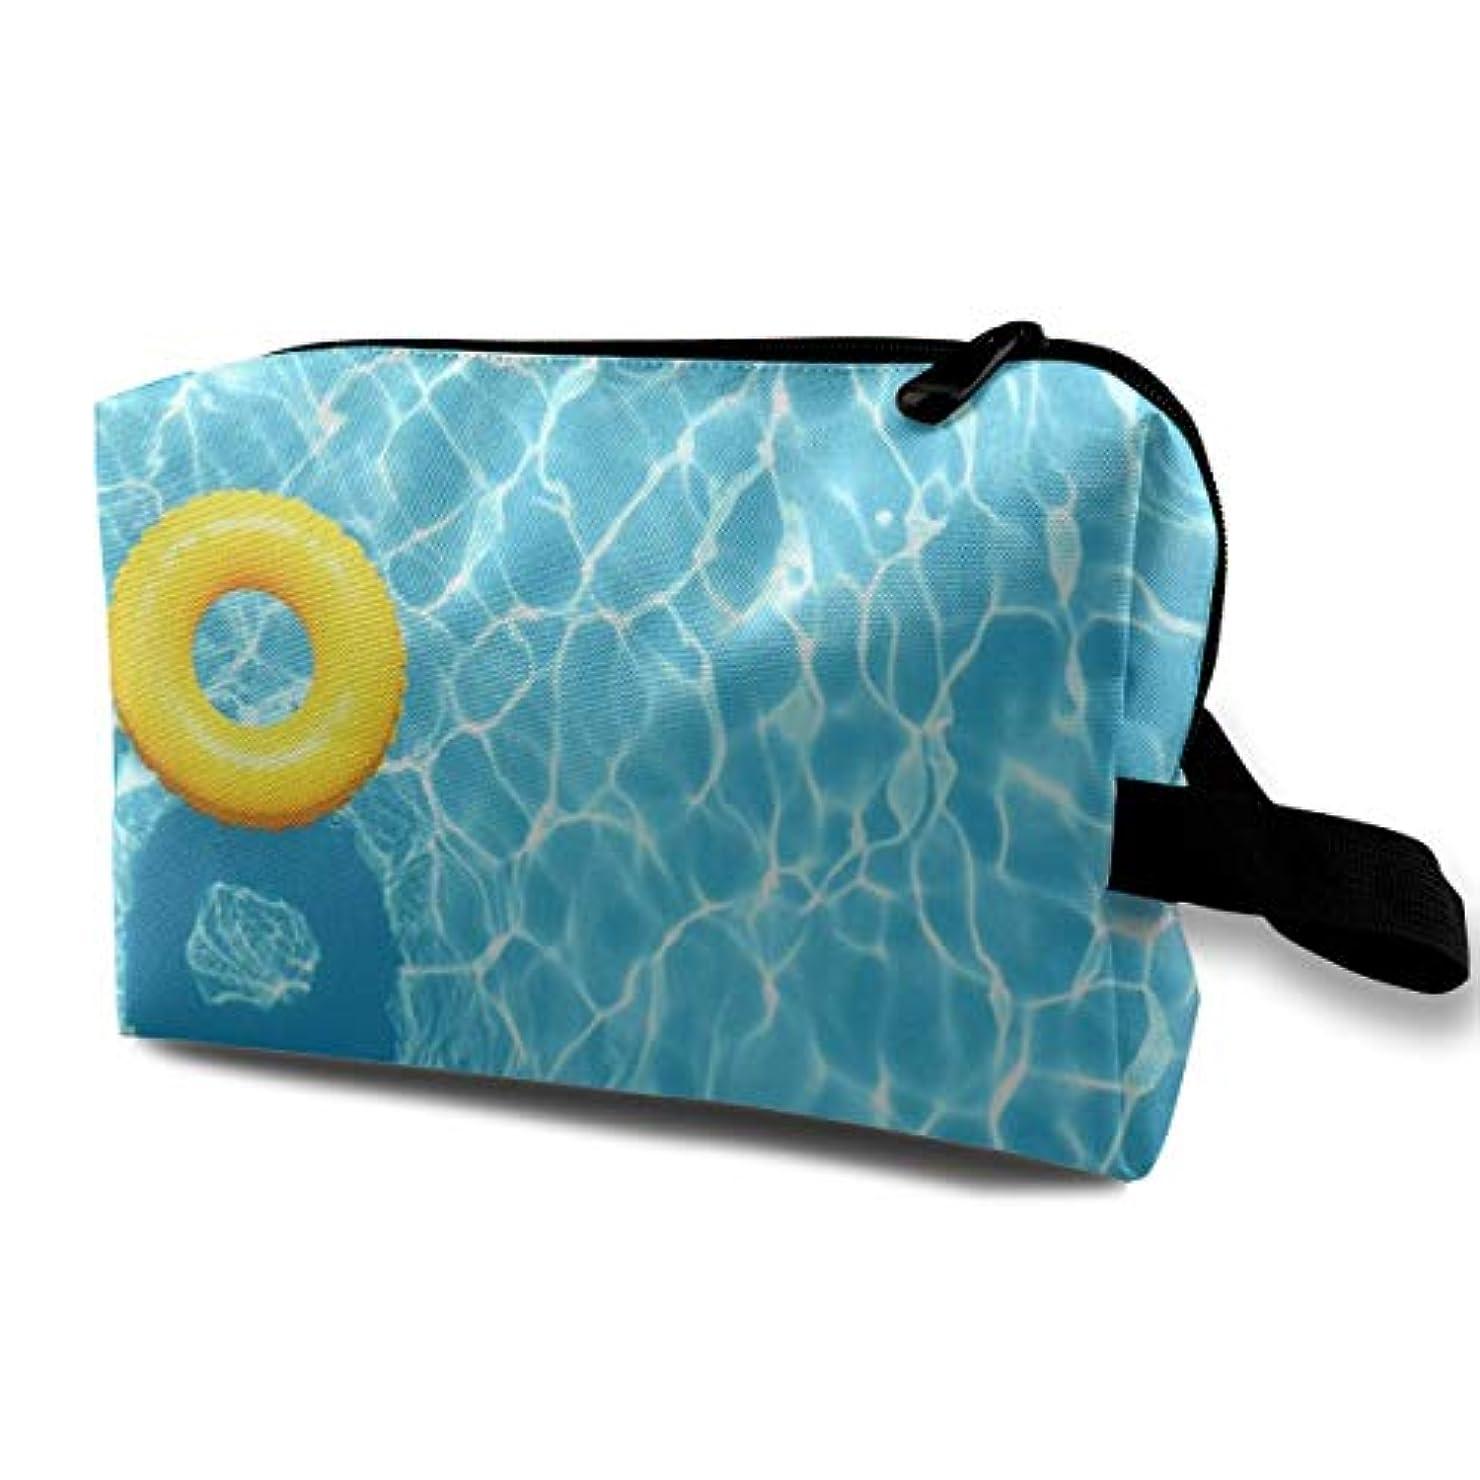 ドラゴンアデレード調整Cool Blue Refreshing Swimming Pool 収納ポーチ 化粧ポーチ 大容量 軽量 耐久性 ハンドル付持ち運び便利。入れ 自宅?出張?旅行?アウトドア撮影などに対応。メンズ レディース トラベルグッズ